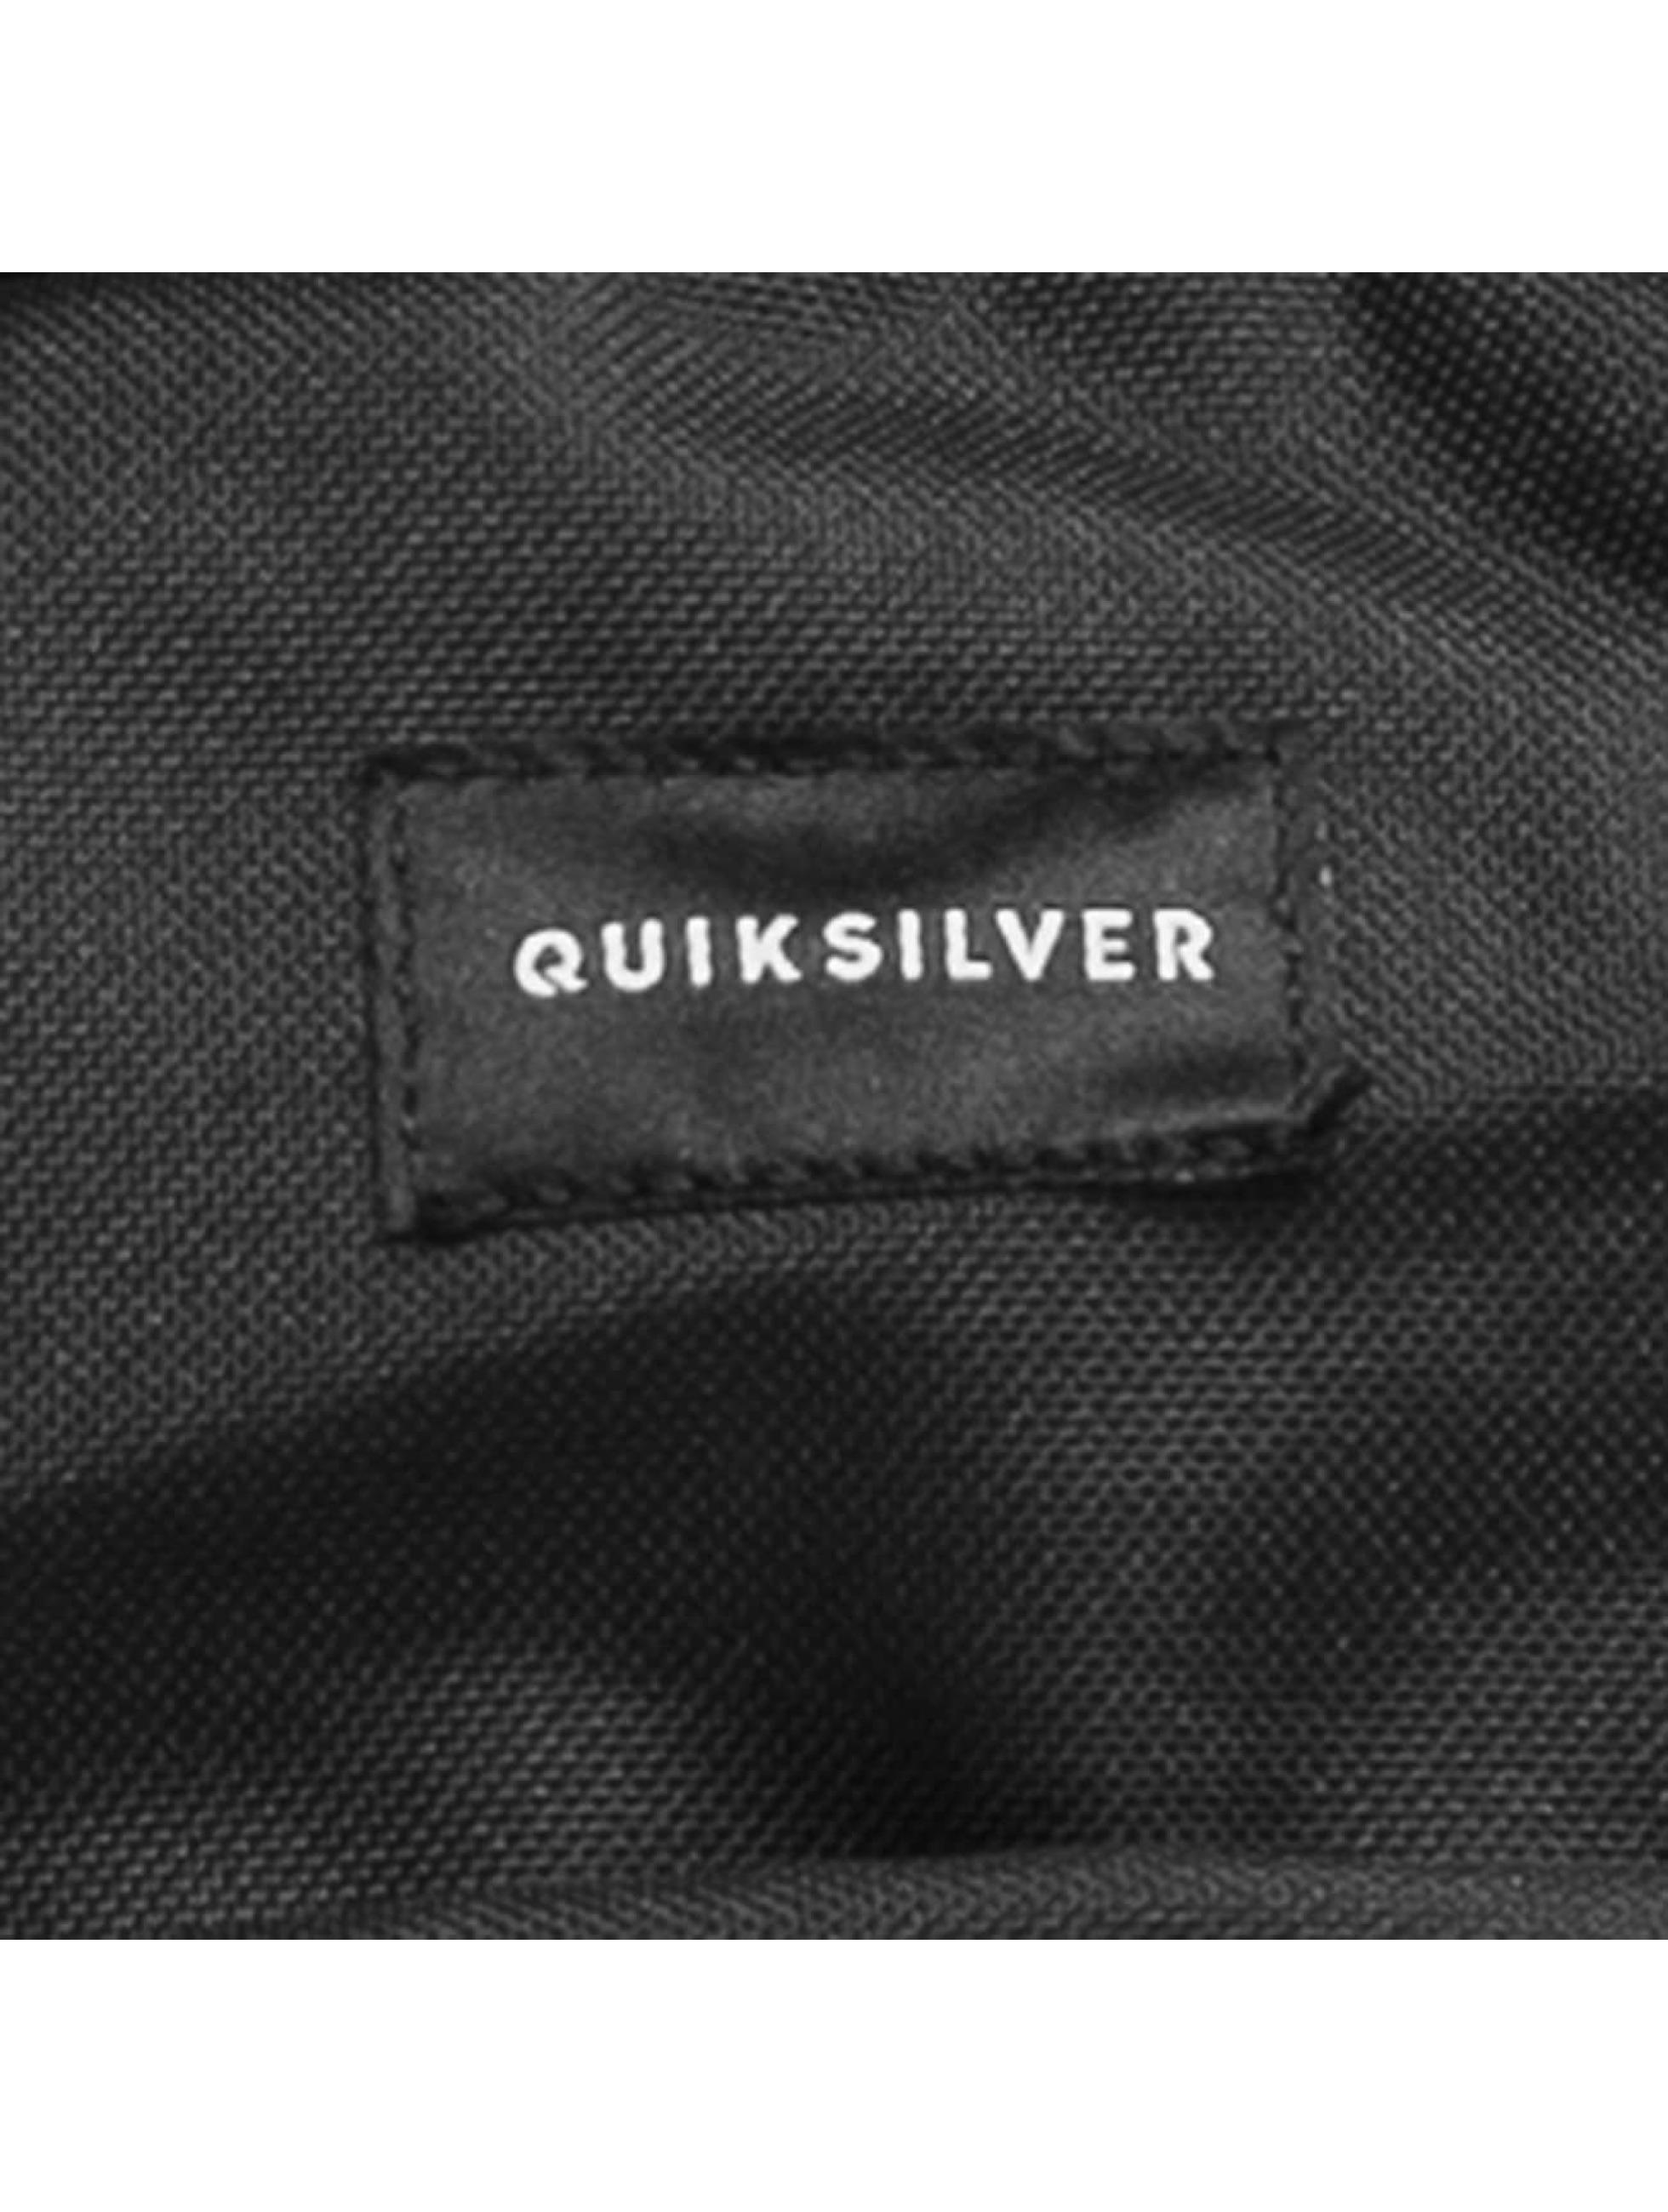 Quiksilver Sac à Dos Burst noir